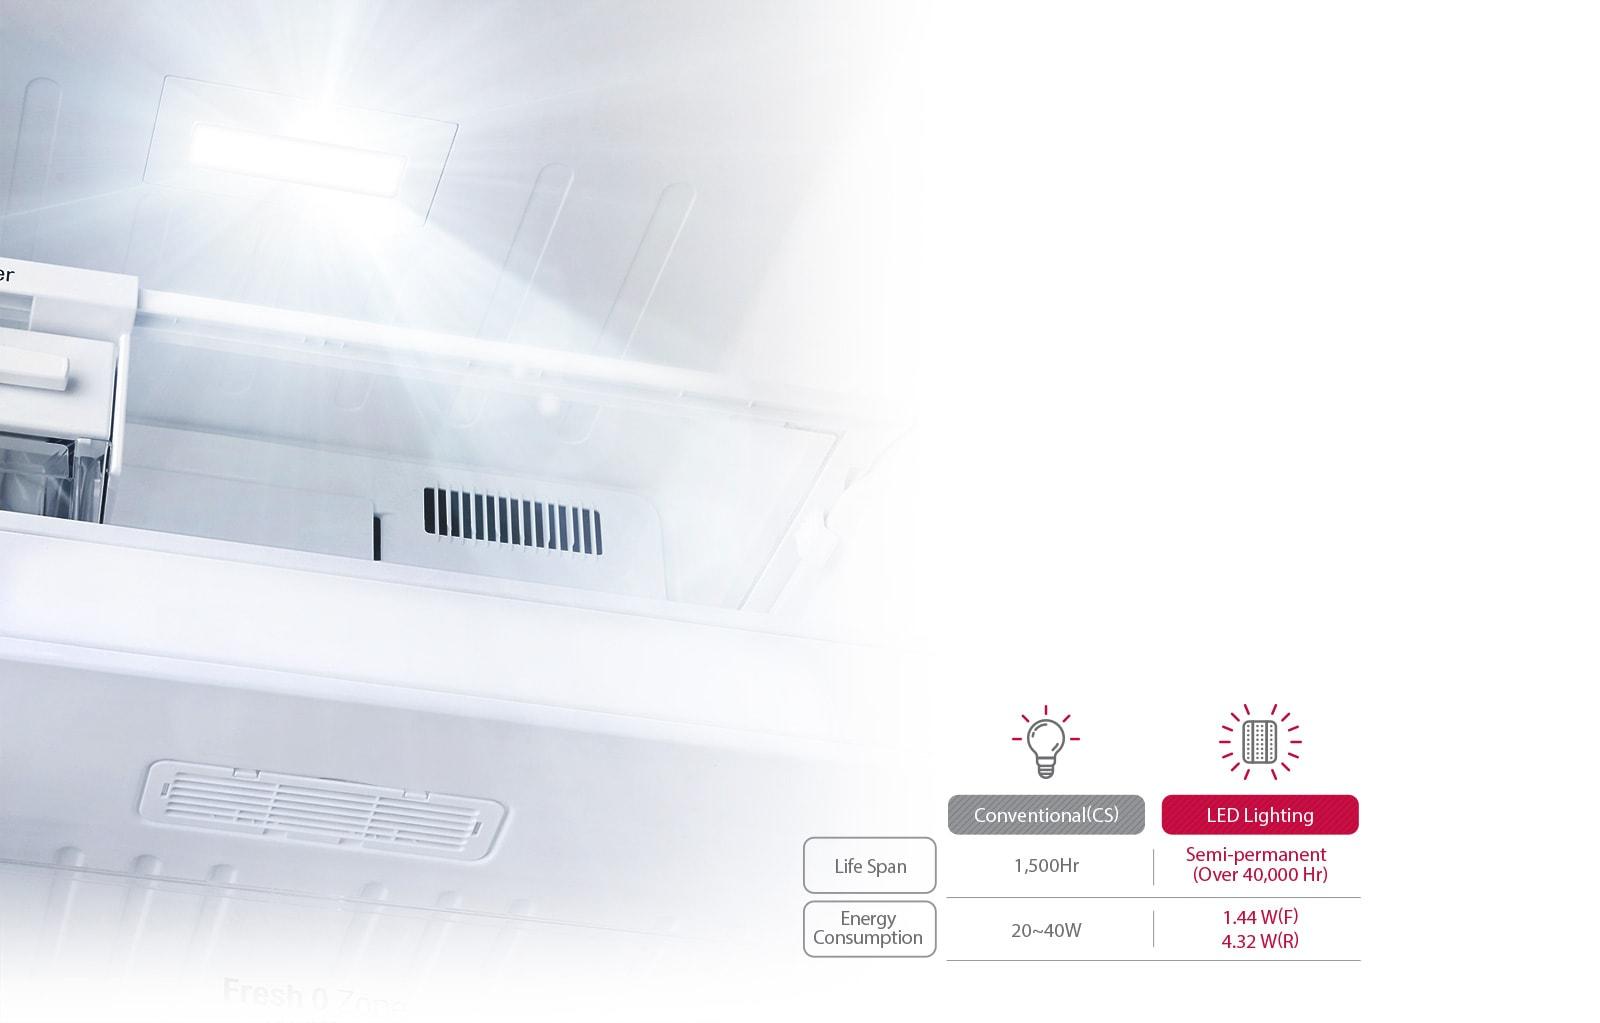 LG GL-T322RPZ3 308 Ltr LED Lighting